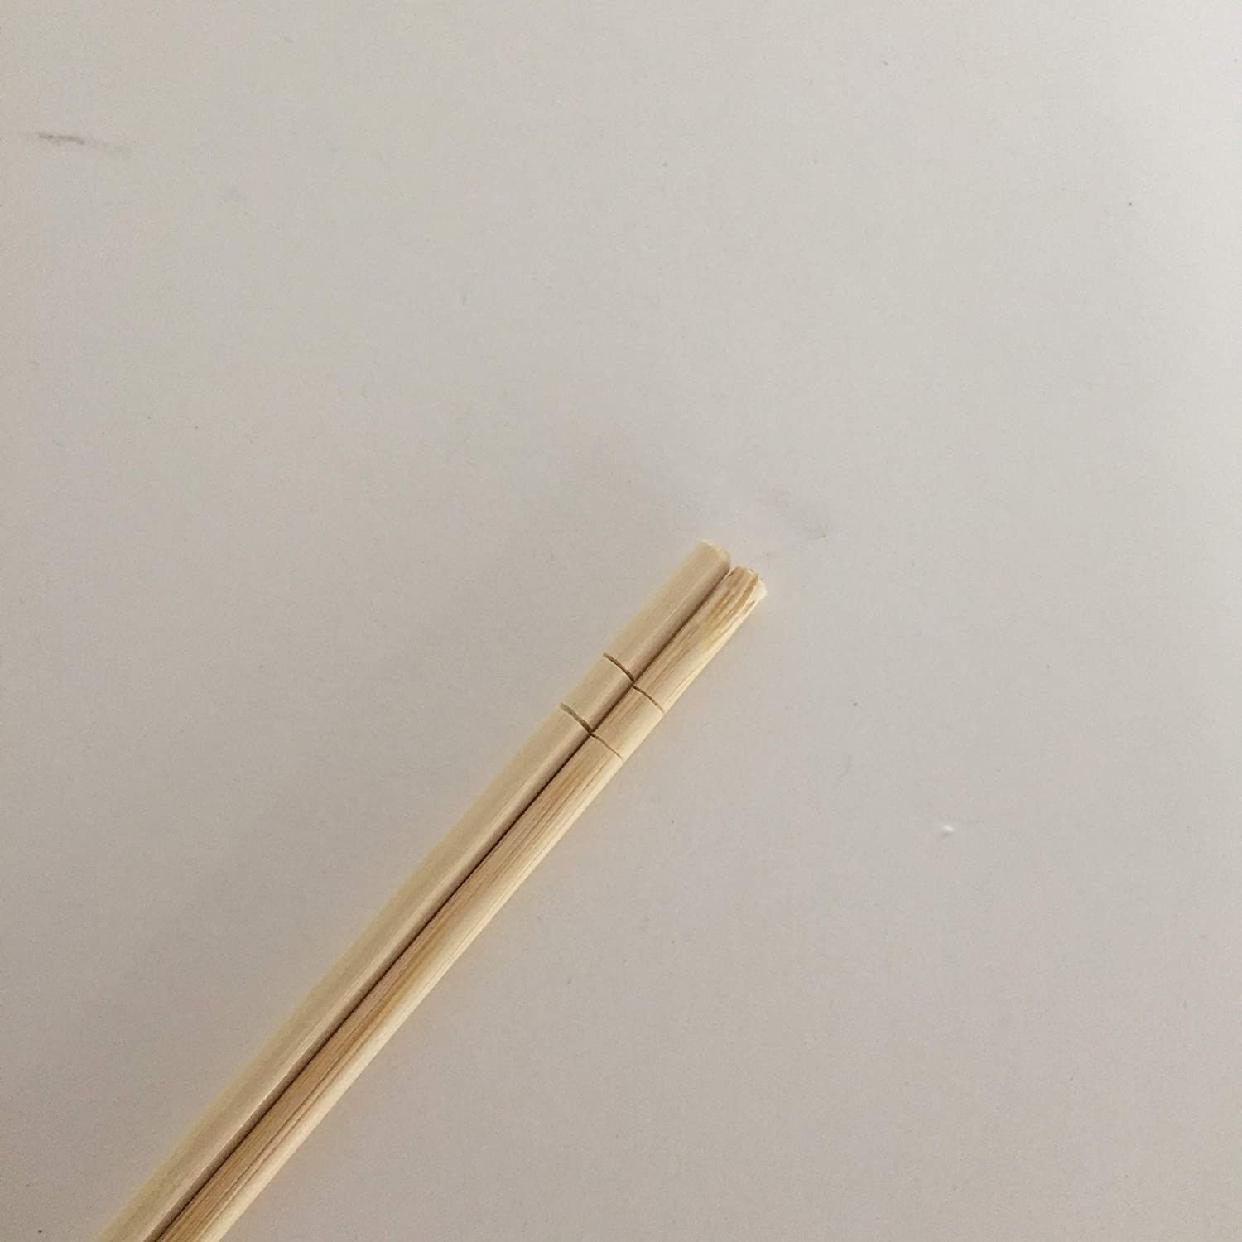 大和物産(だいわぶっさん)節付竹丸ポリ完封箸 100膳 20cmの商品画像6